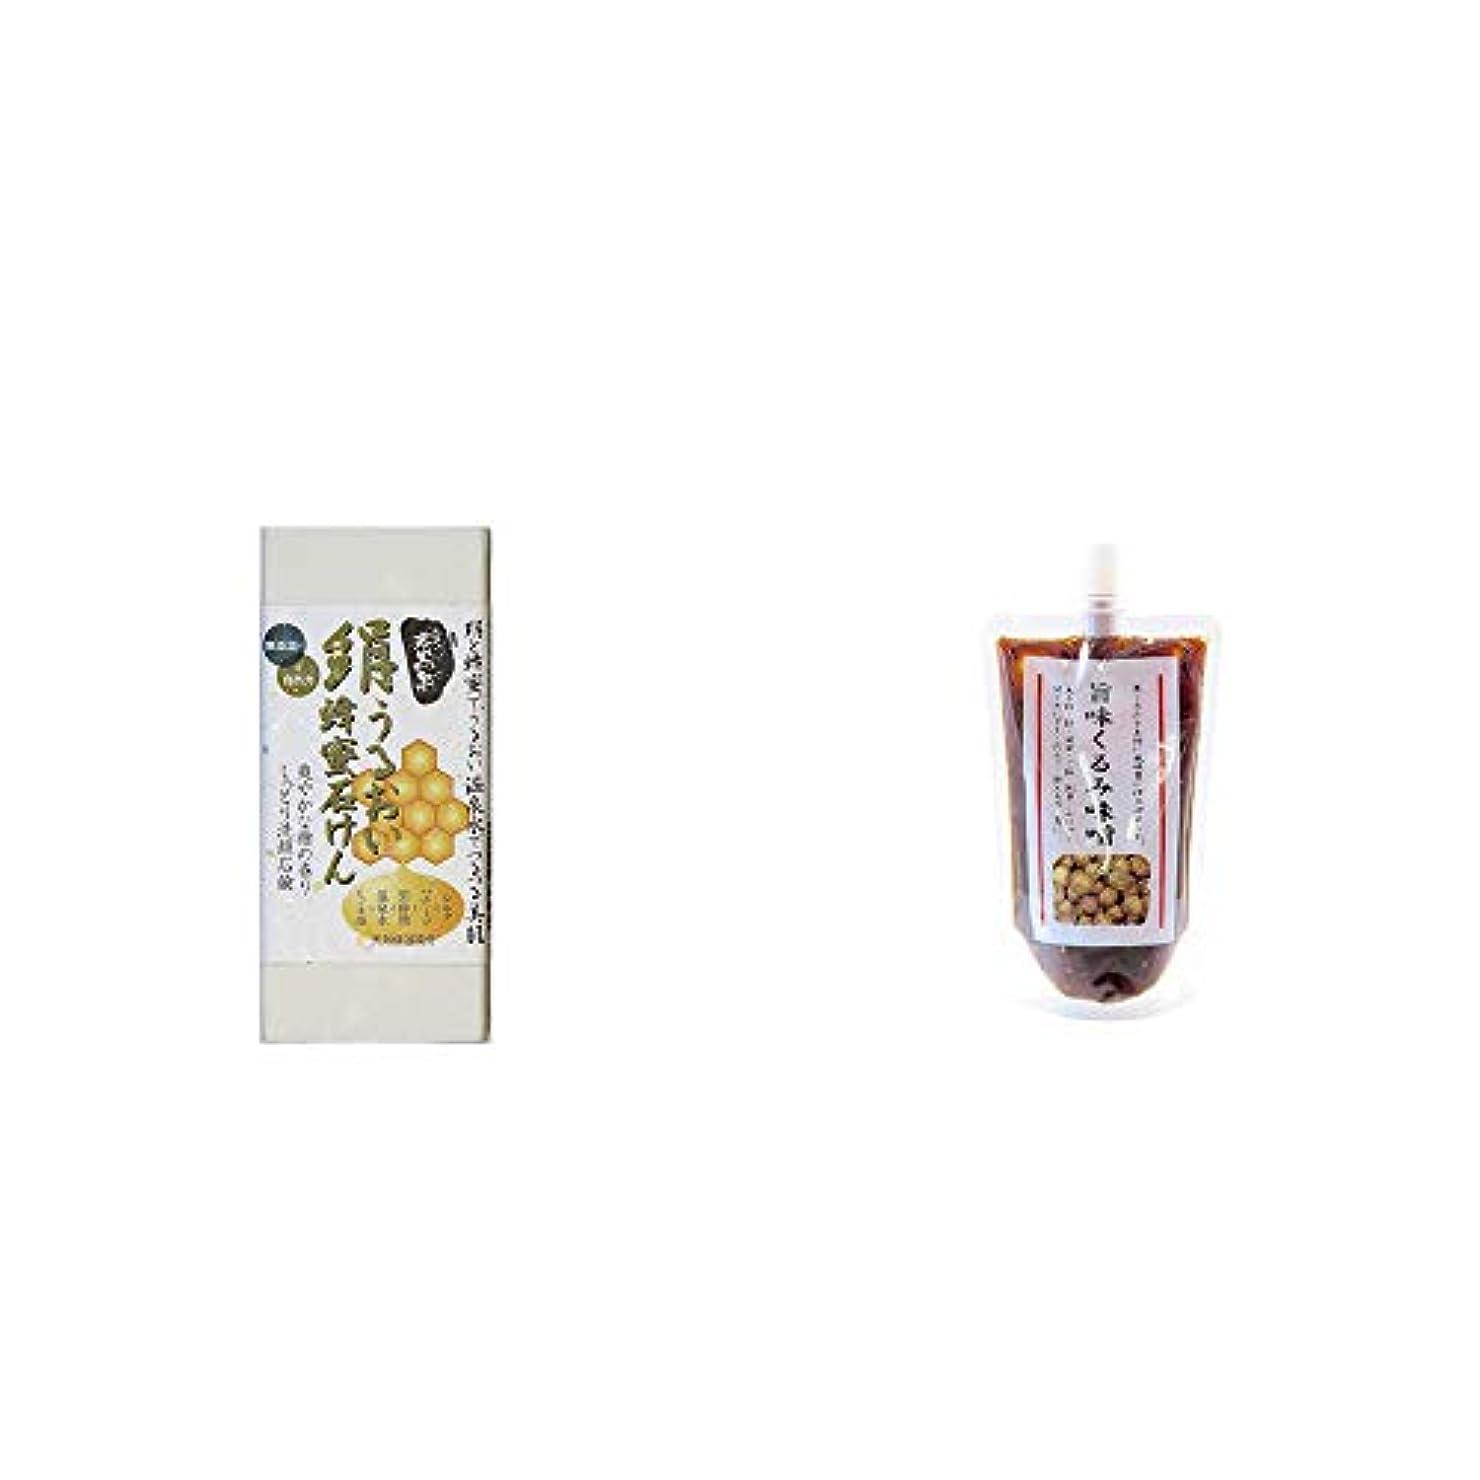 バスケットボールテンション入札[2点セット] ひのき炭黒泉 絹うるおい蜂蜜石けん(75g×2)?旨味くるみ味噌(260g)